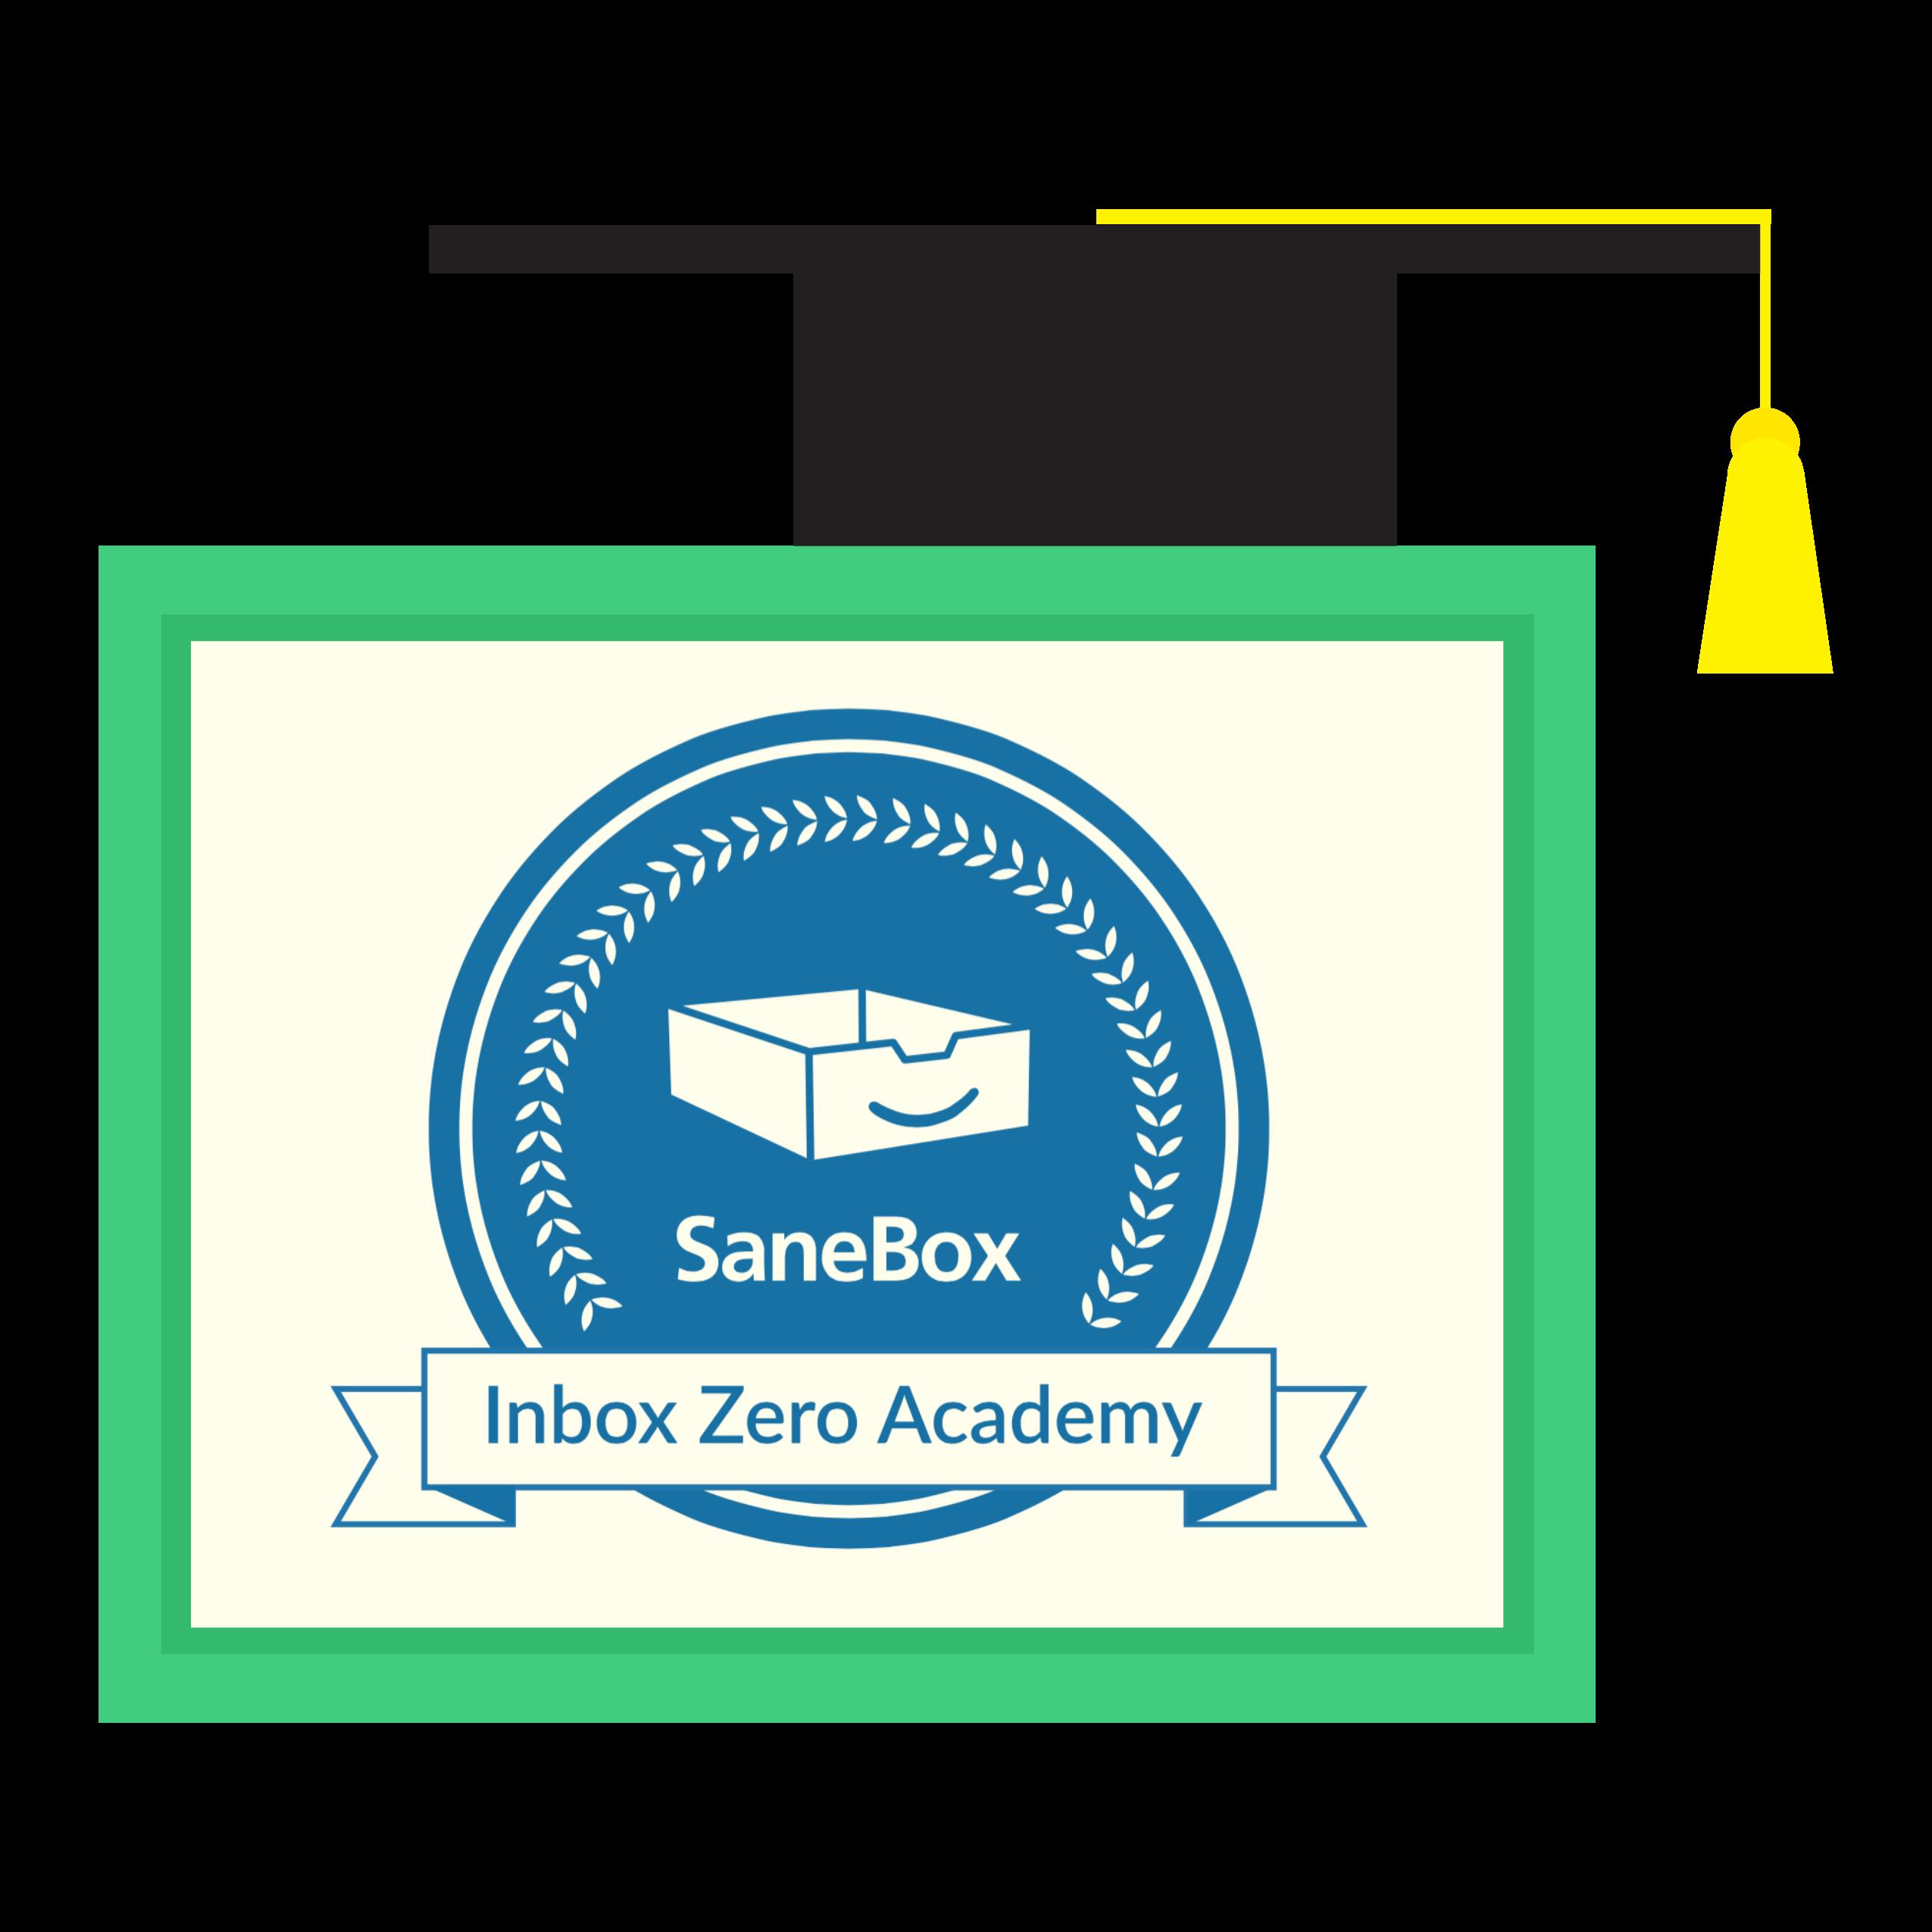 Mail clipart email etiquette.  sanebox inbox zero